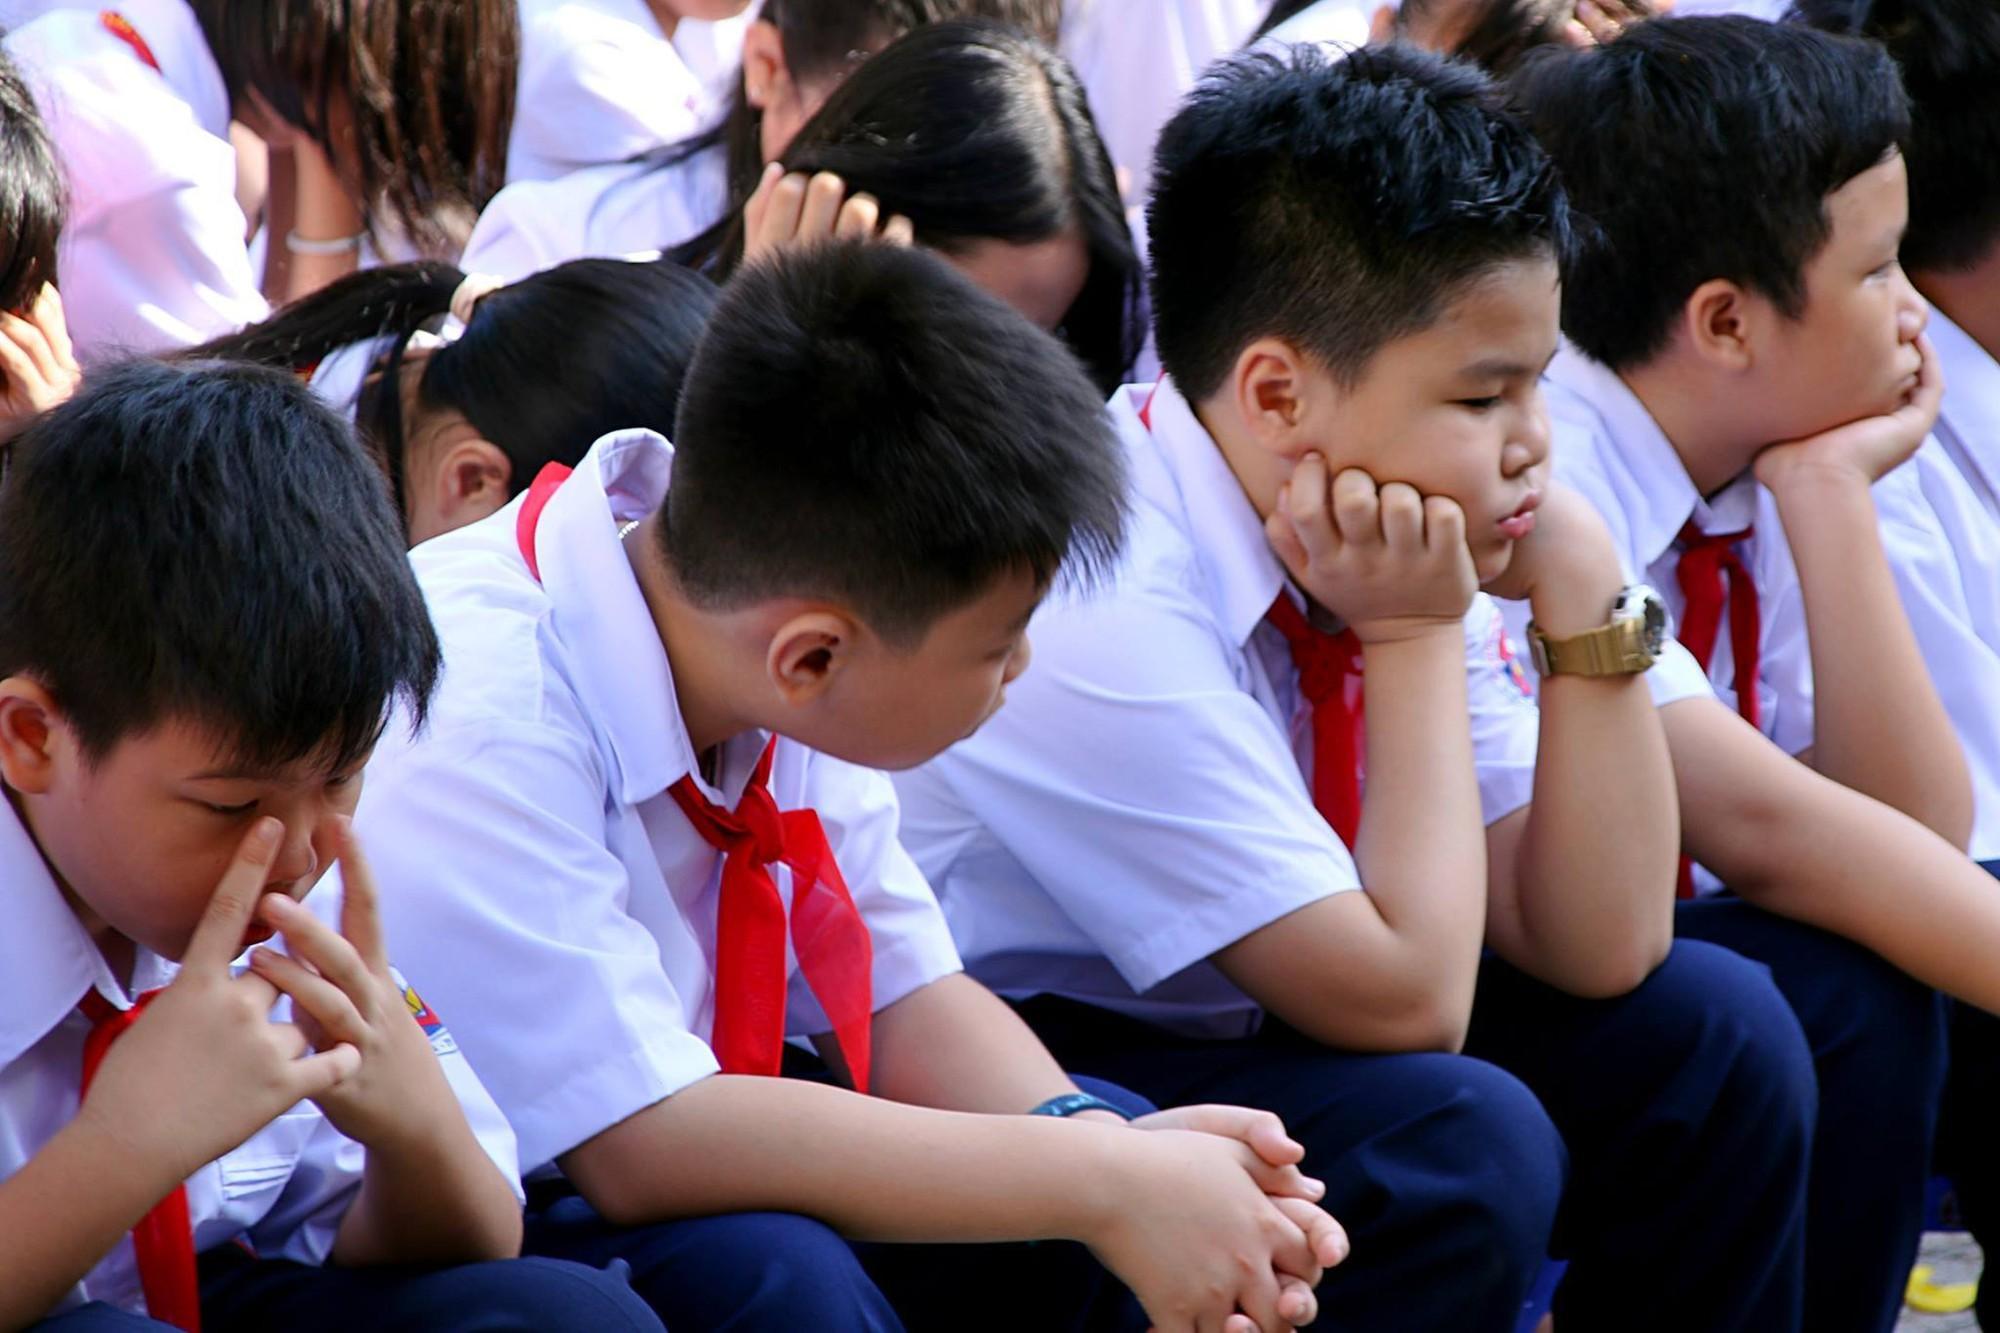 Chùm ảnh: Giọt nước mắt bỡ ngỡ và những biểu cảm khó đỡ của các em nhỏ trong ngày khai giảng 9